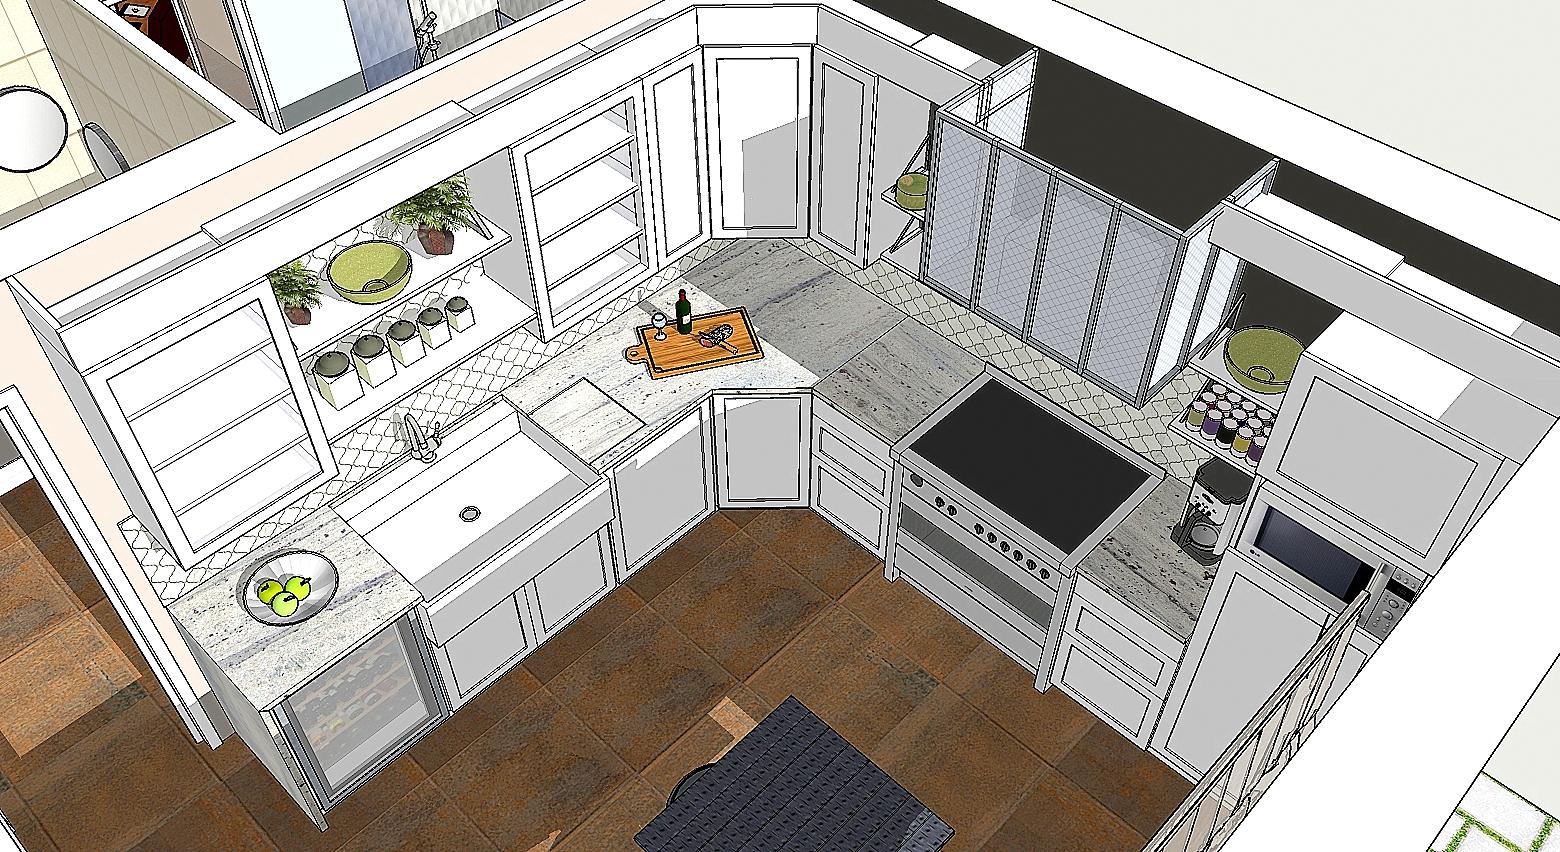 Agencement en 3D de la cuisine de style Craftsman